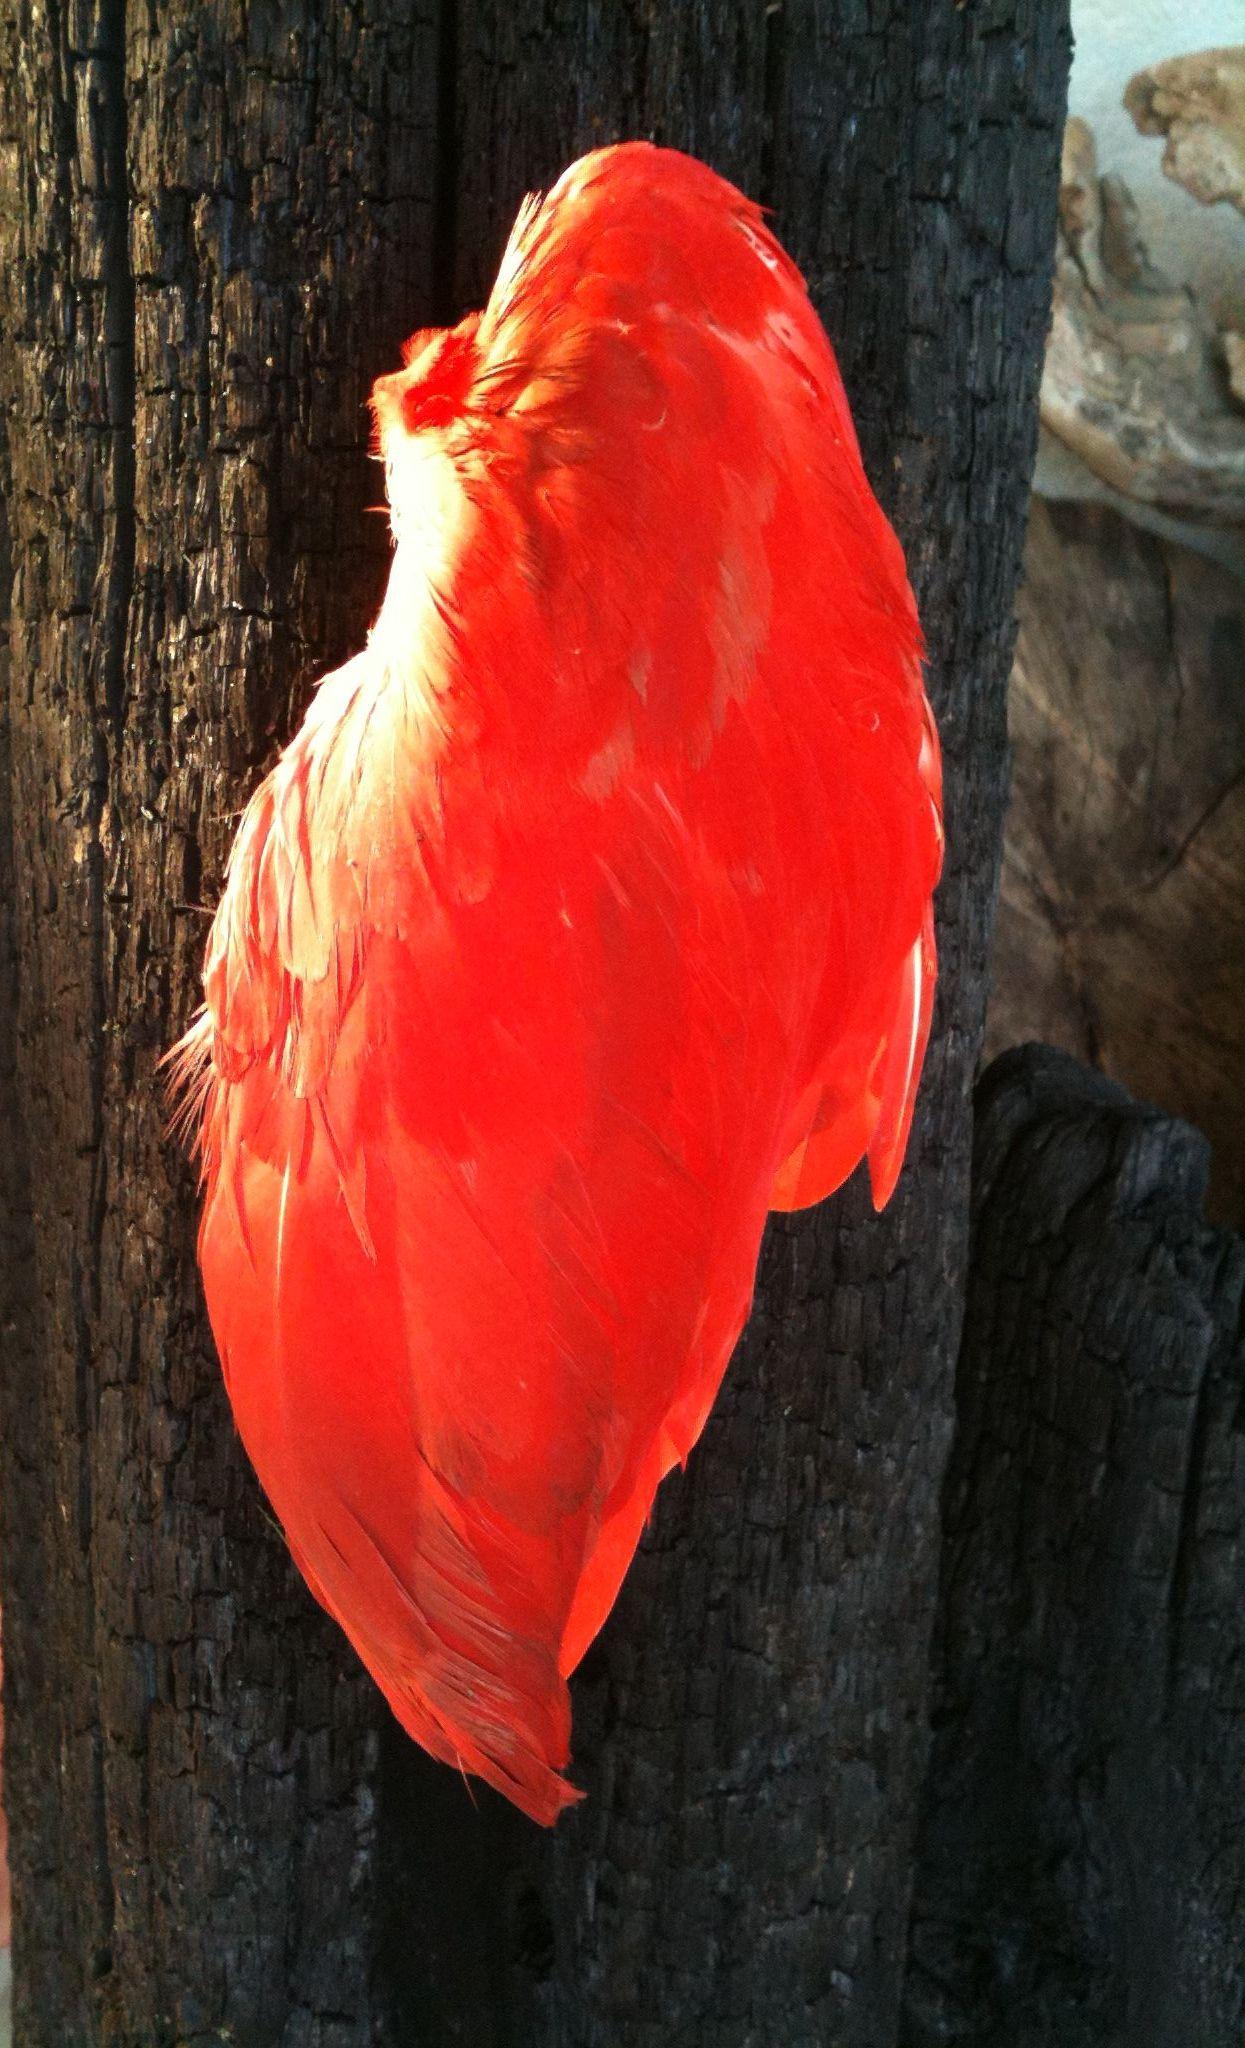 Elle de phoenix